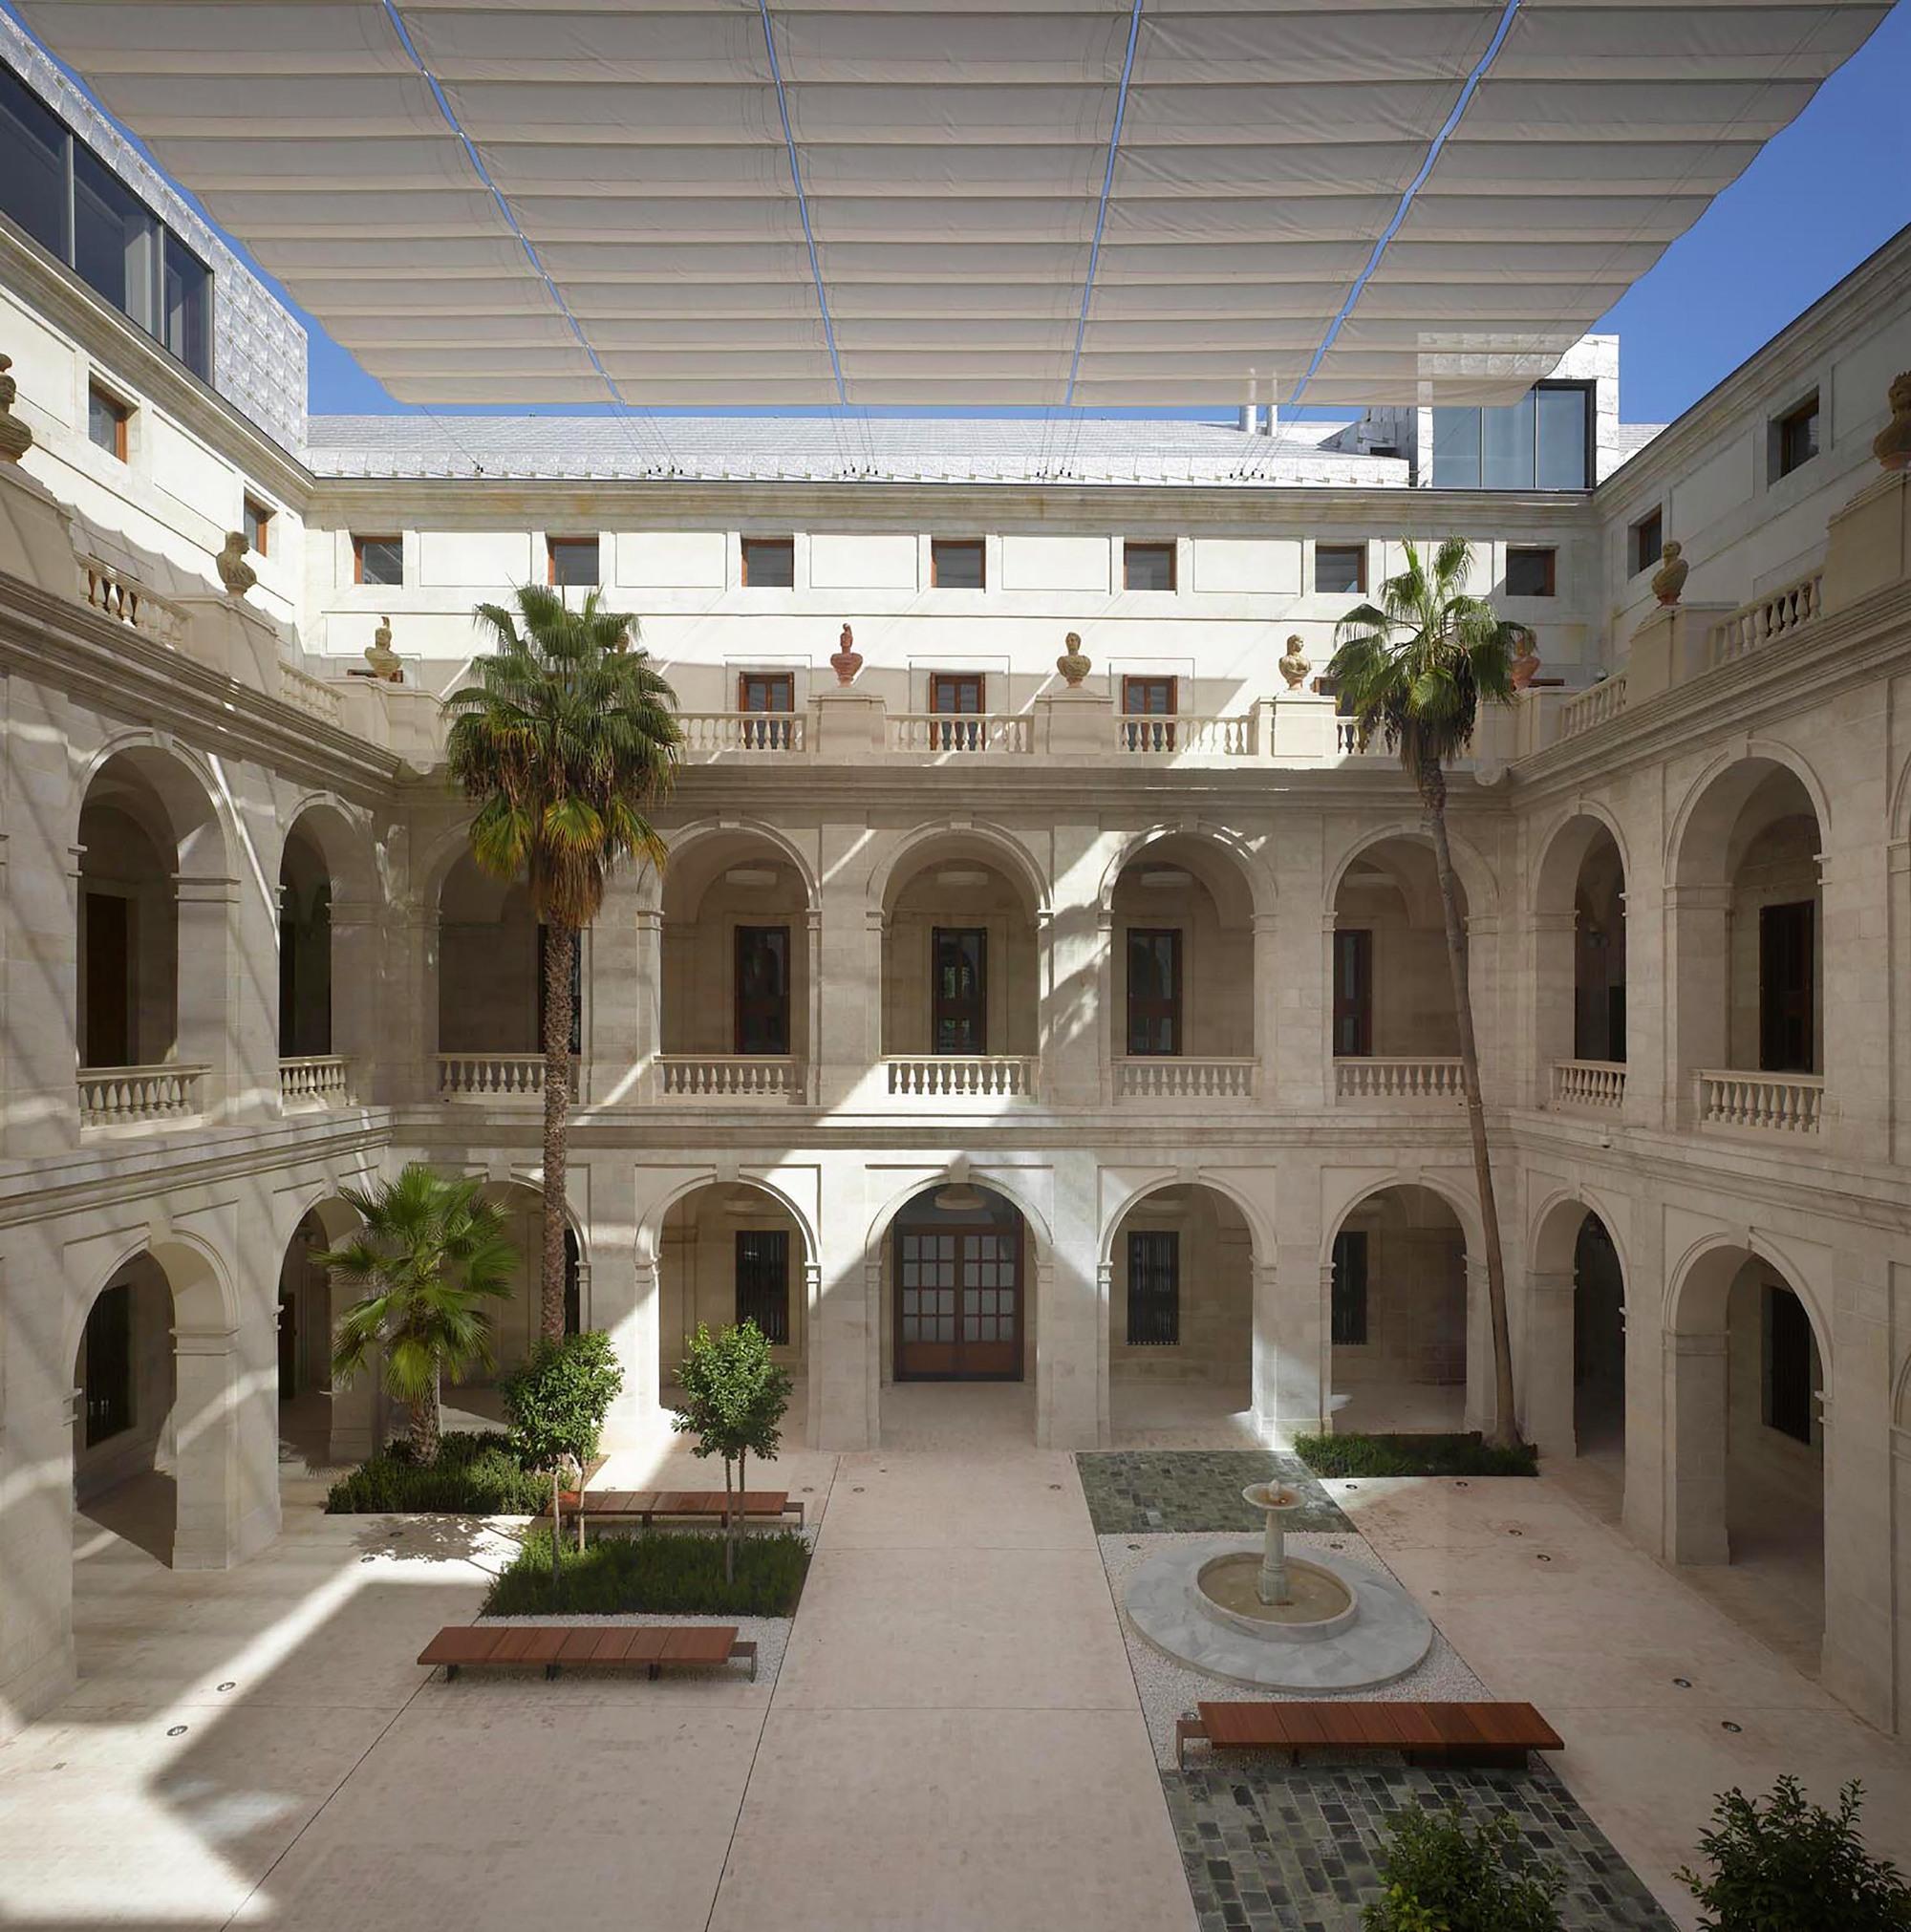 M laga museum pardo tapia arquitectos archdaily - Arquitectos interioristas malaga ...